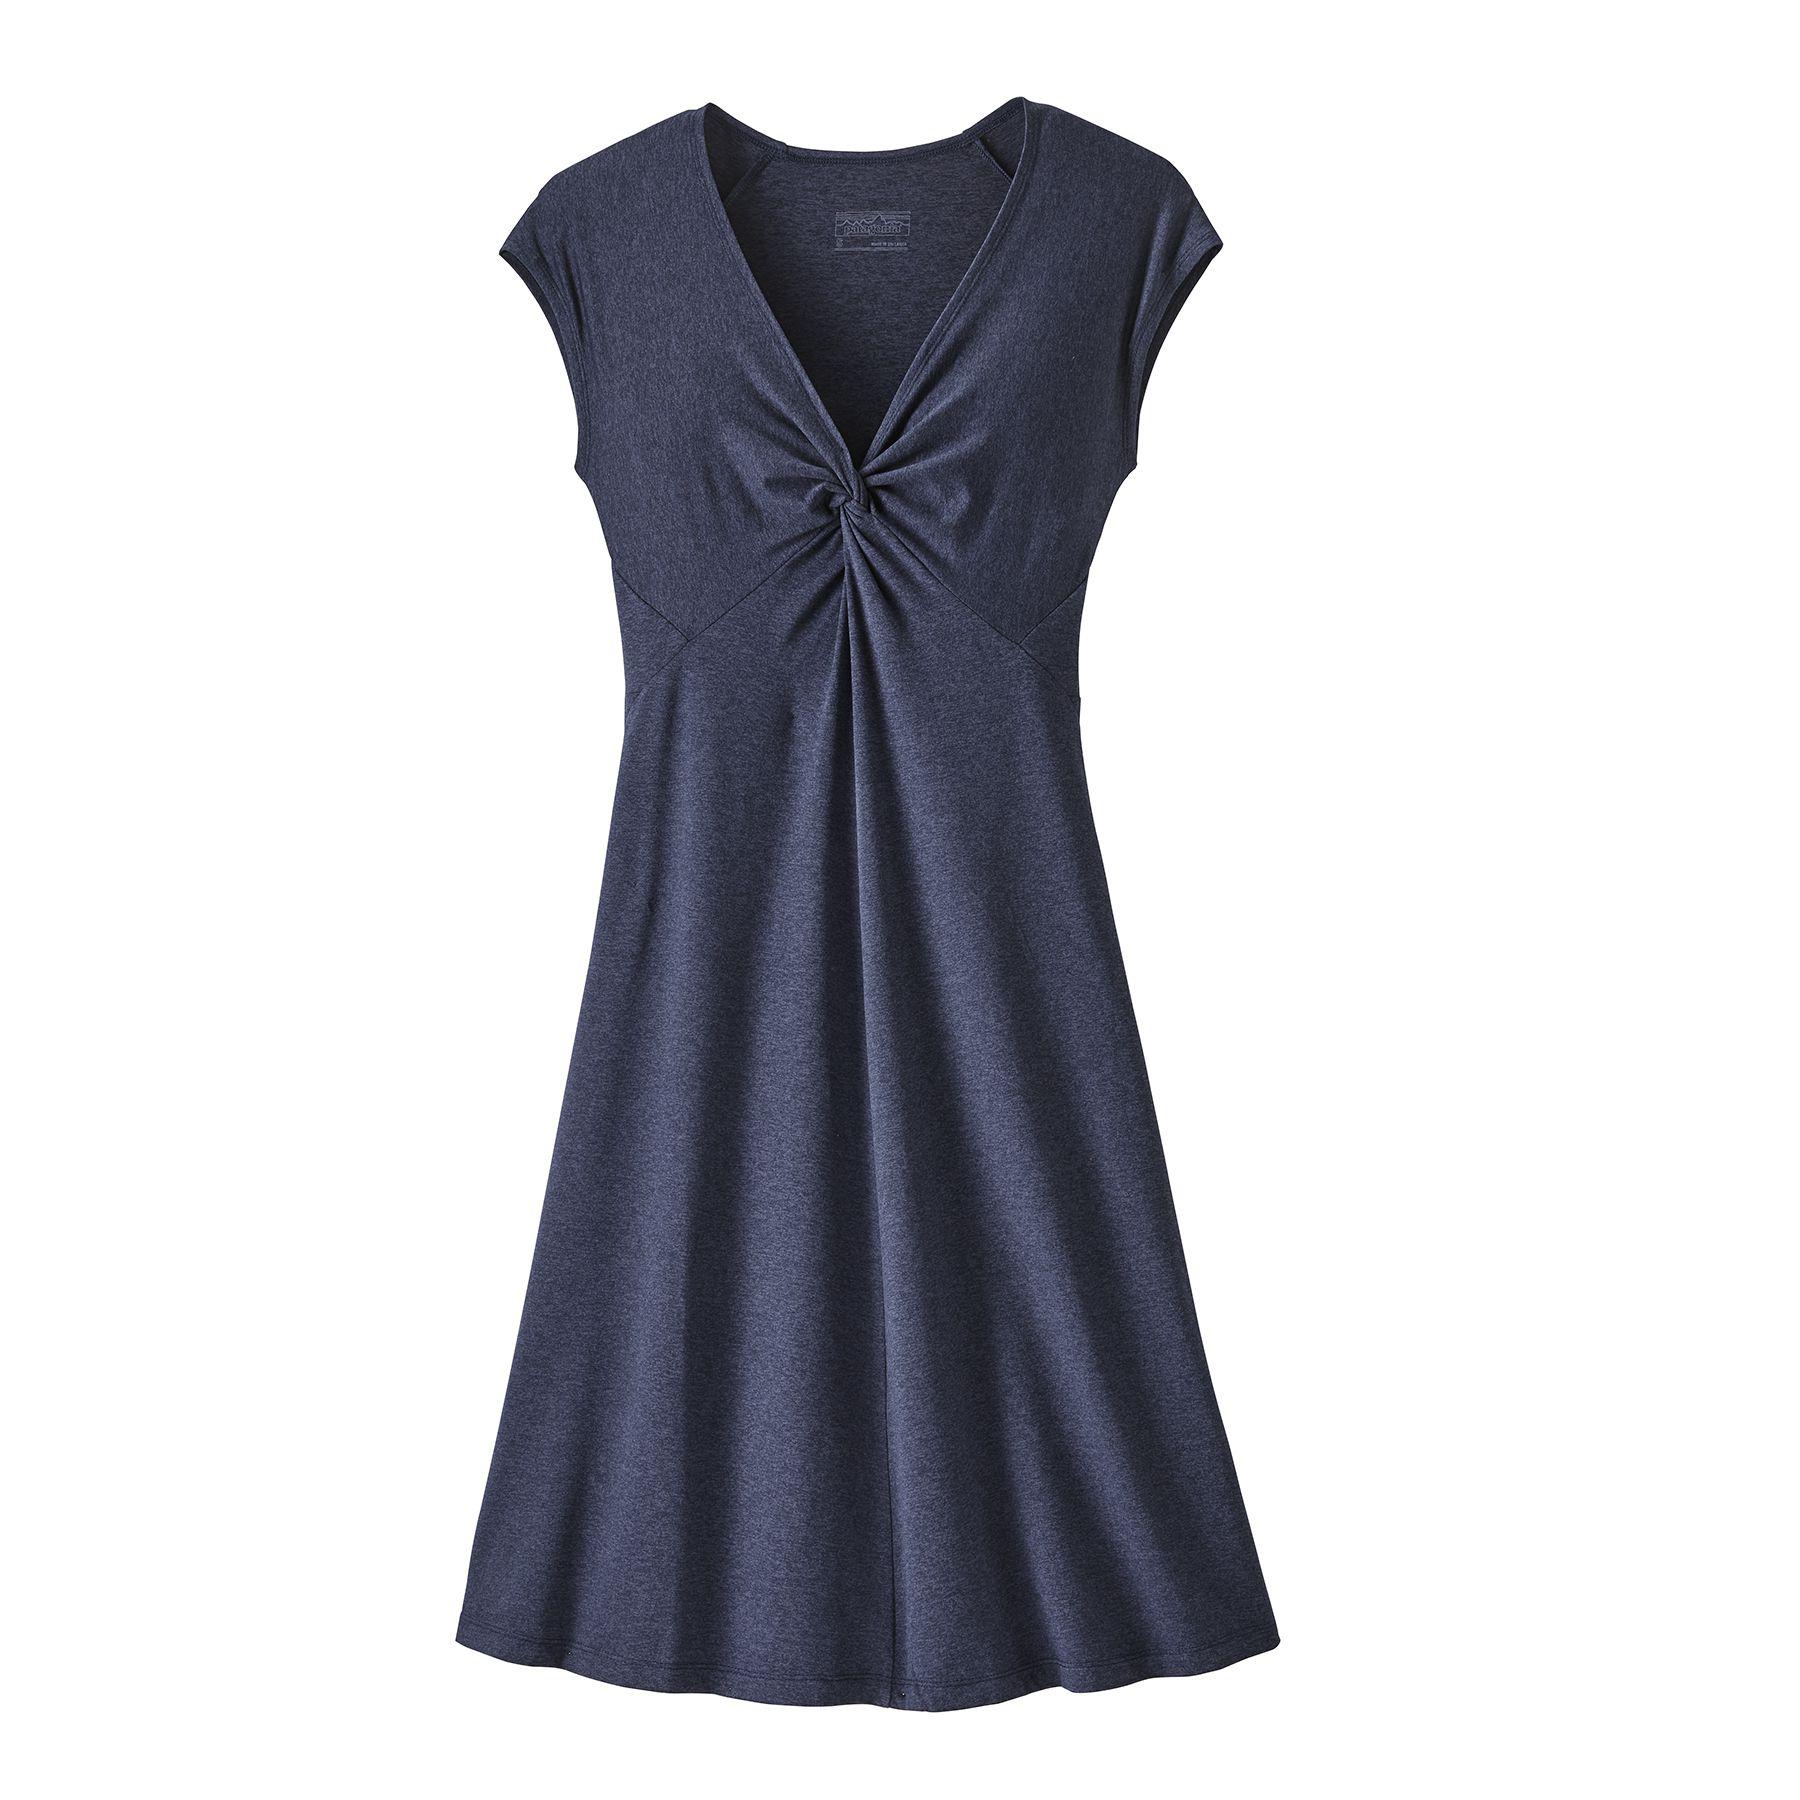 Seabrook Bandha Dress - Women's